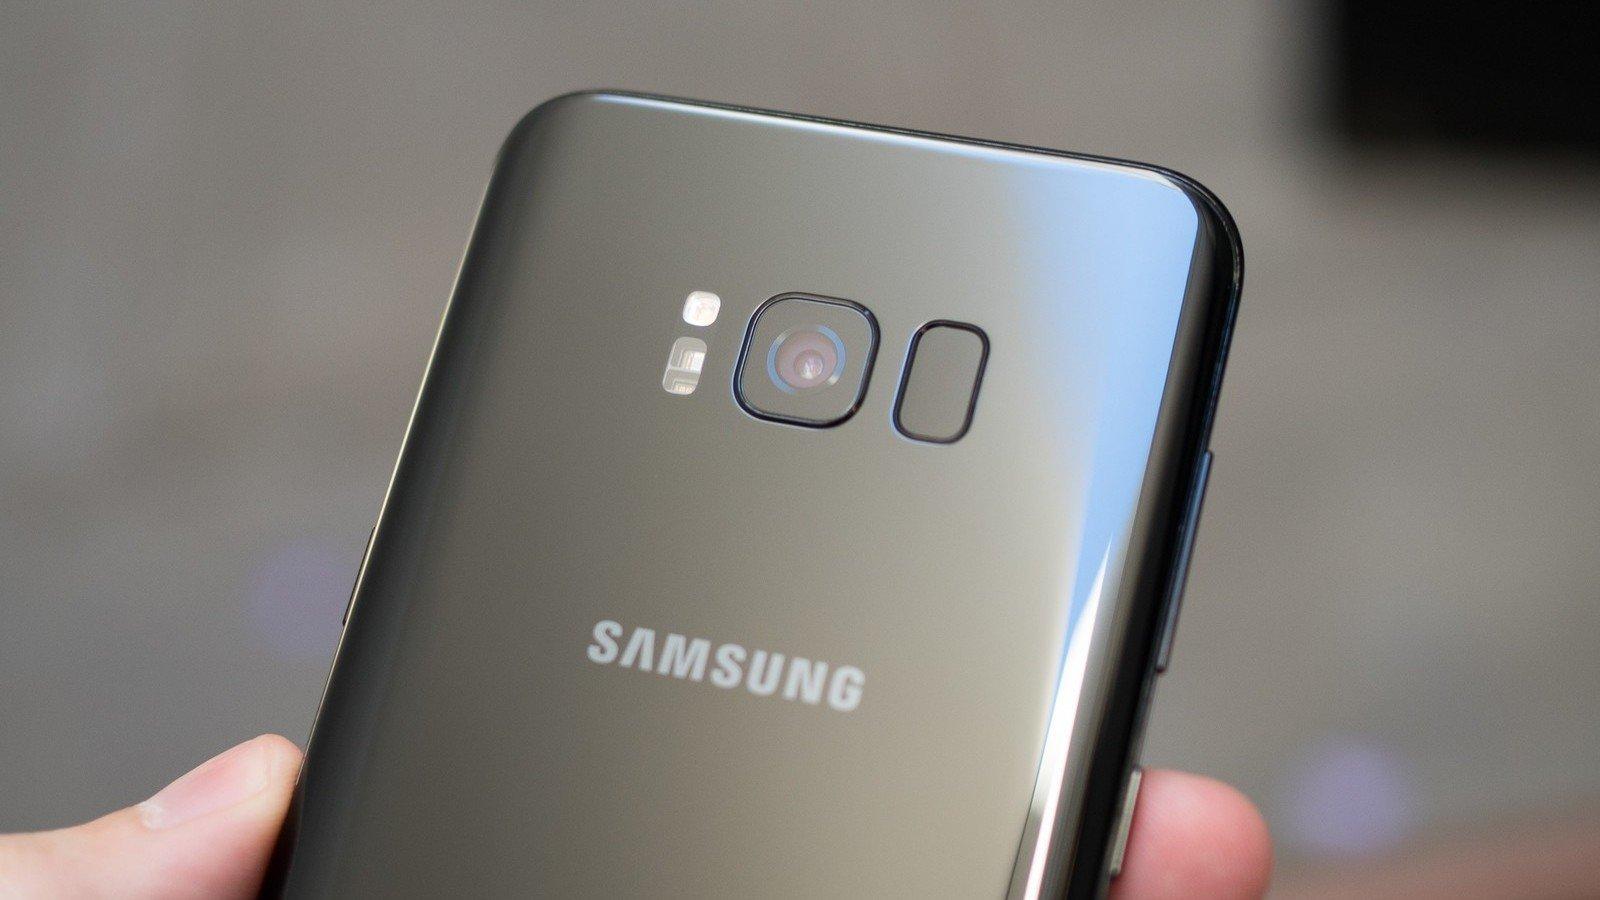 Самсунг построила майнинг-ферму из40 старых Galaxy S5